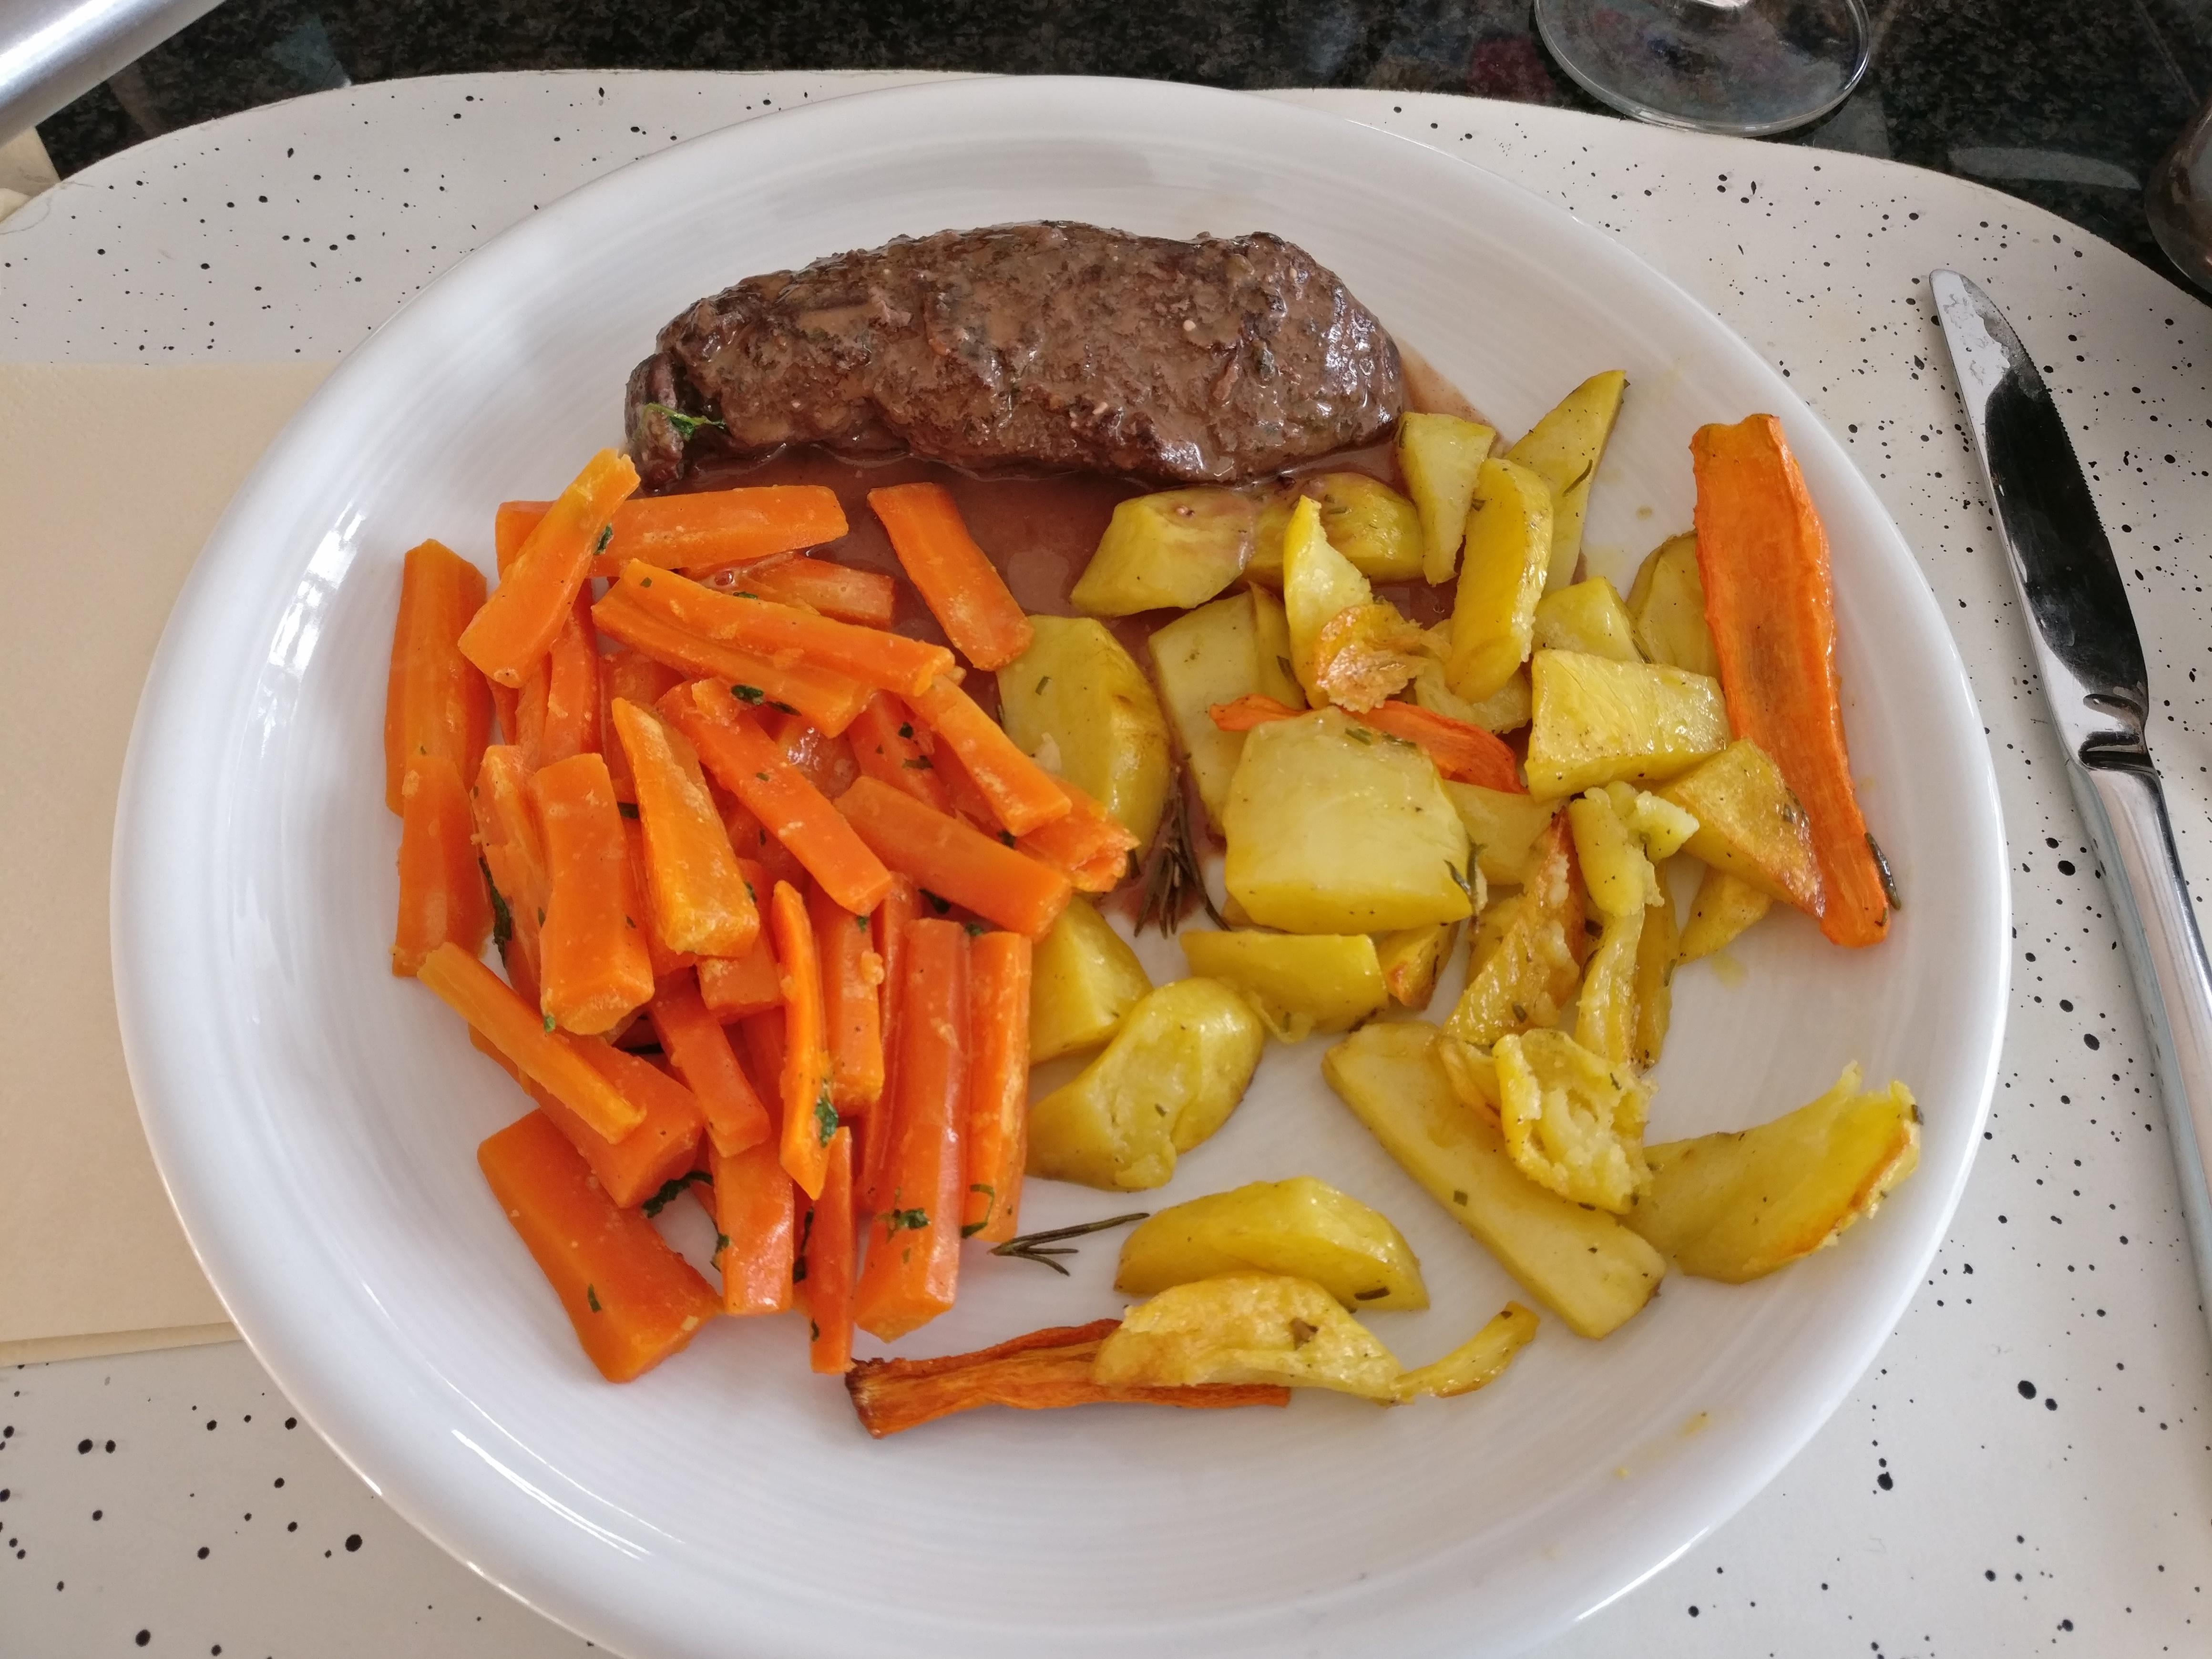 https://foodloader.net/nico_2017-01-29_rindfleisch-mit-karotten-und-kartoffeln.jpg